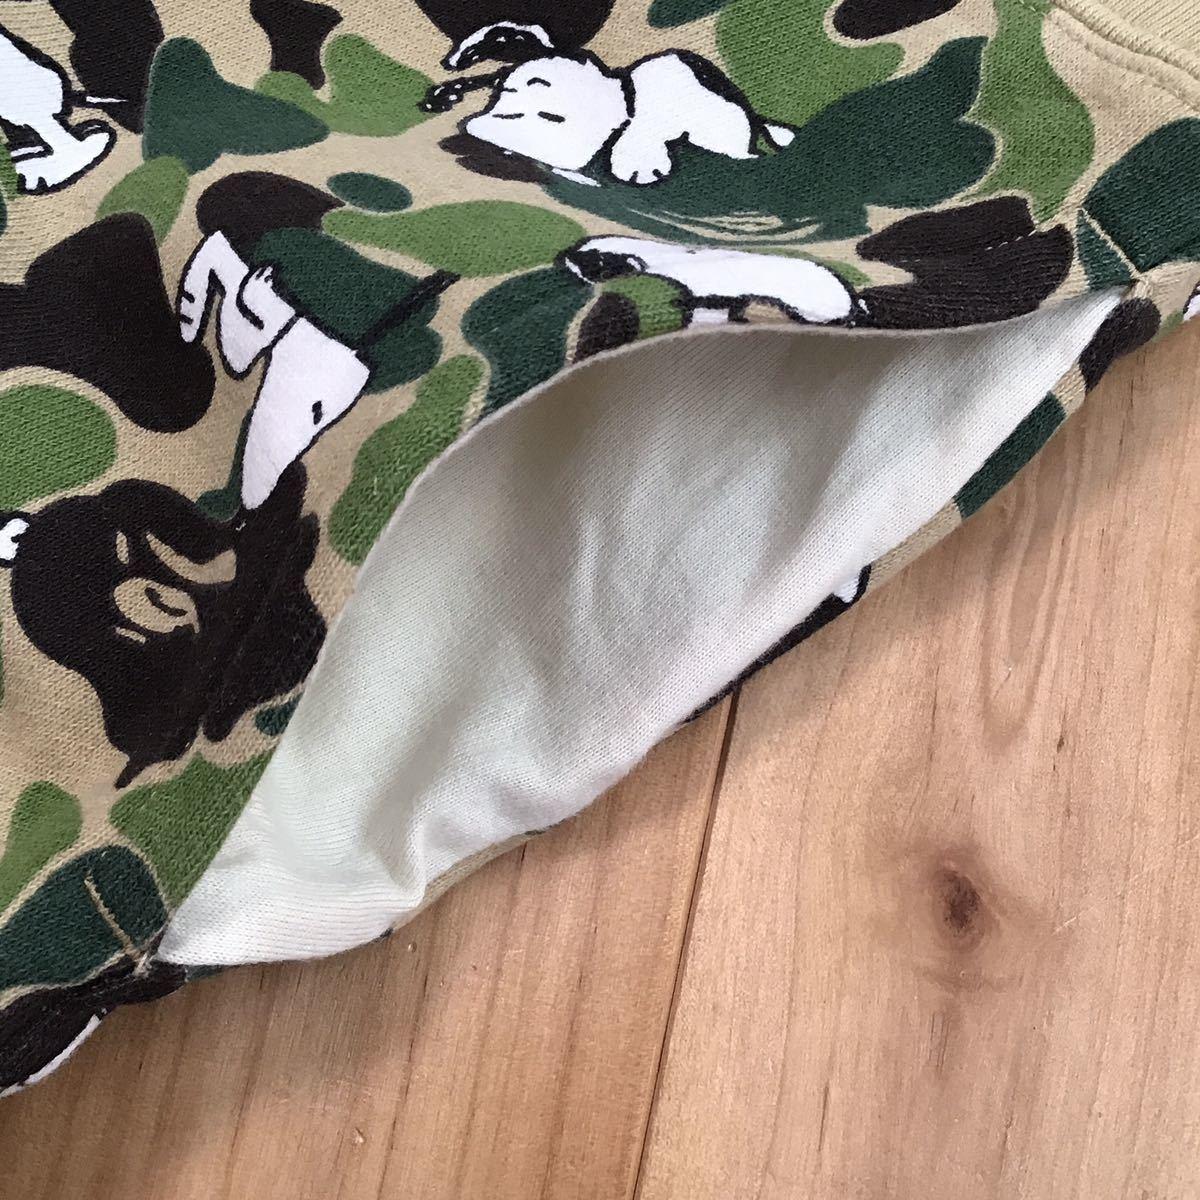 SNOOPY × BAPE ABC camo スウェット ハーフパンツ Lサイズ a bathing ape bape ショーツ shorts スヌーピー peanuts エイプ ベイプ 迷彩 t